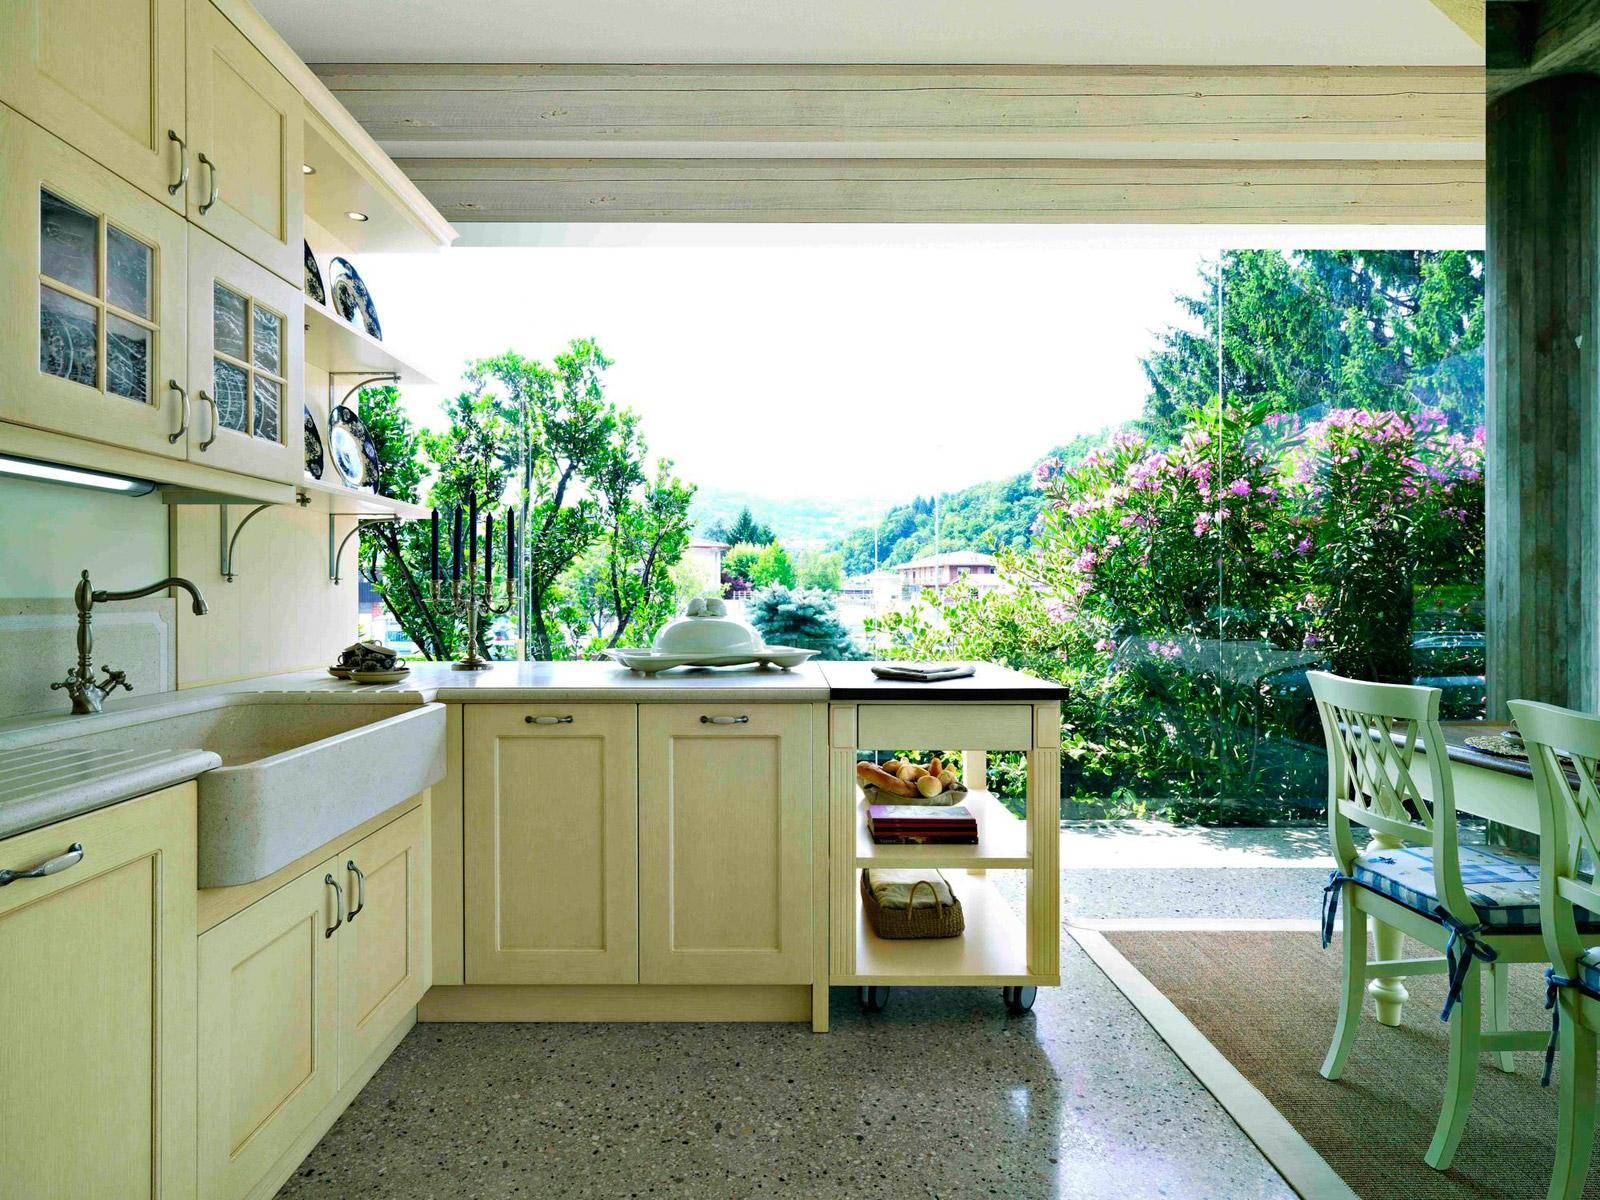 Застекленная кухня в эко-стиле